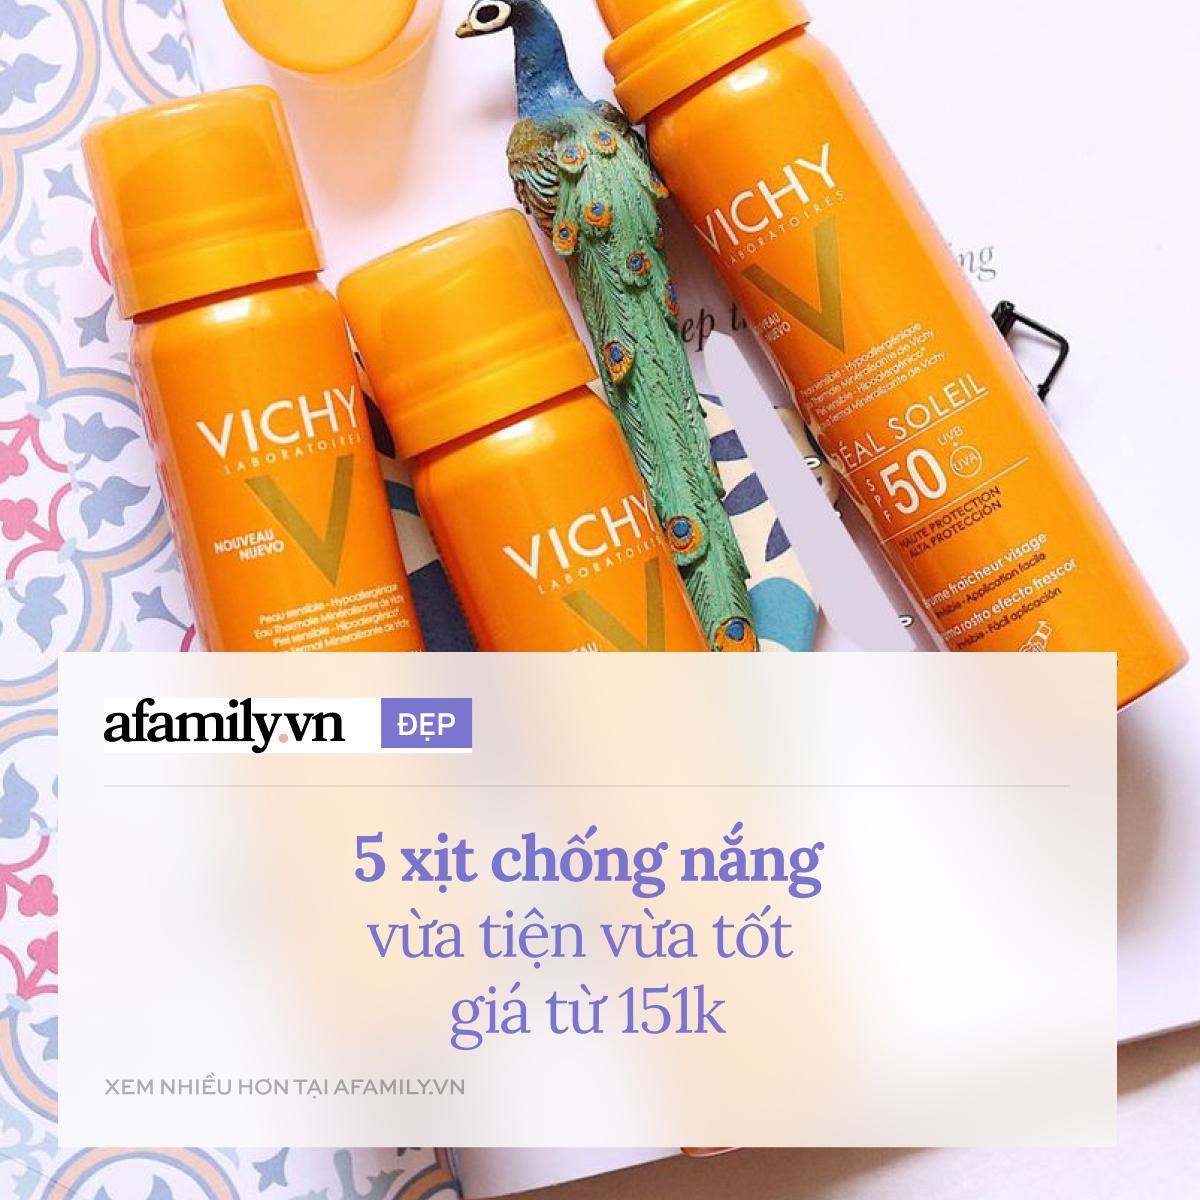 5 xịt chống nắng tốt nhất, vừa bảo vệ da vừa tiện dụng giá từ 151k - Ảnh 1.